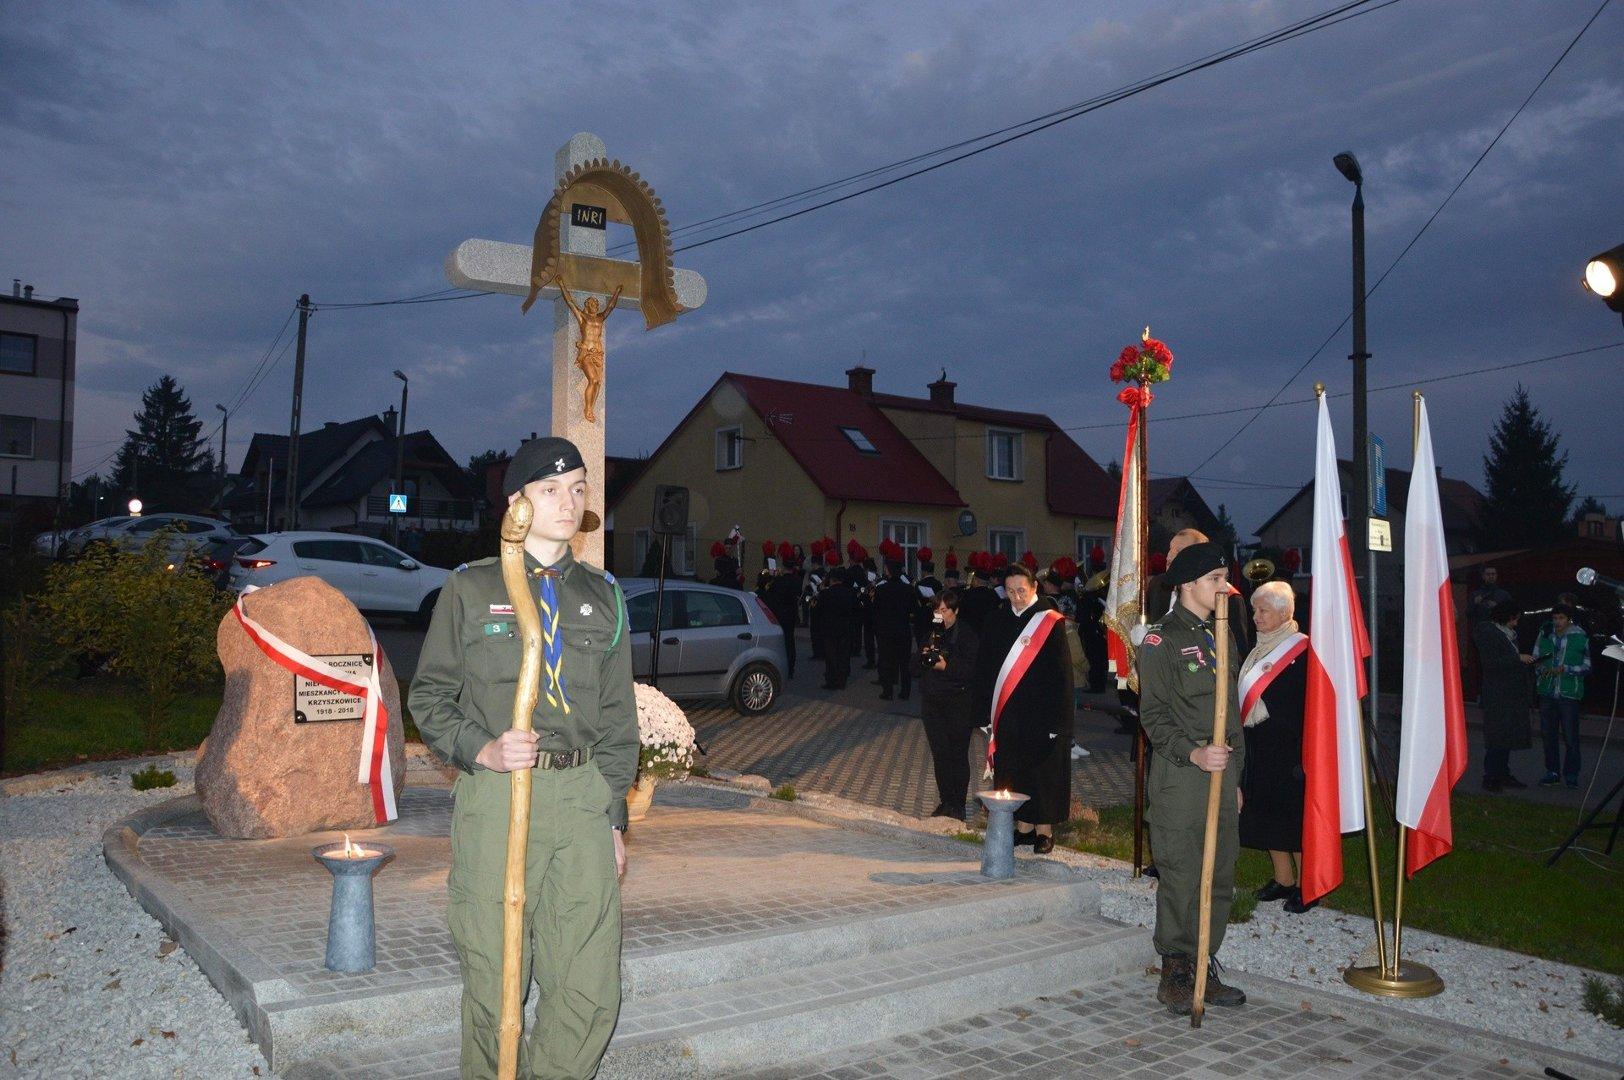 Randka - Krzyszkowice - Malopolskie Polska - Ogoszenia